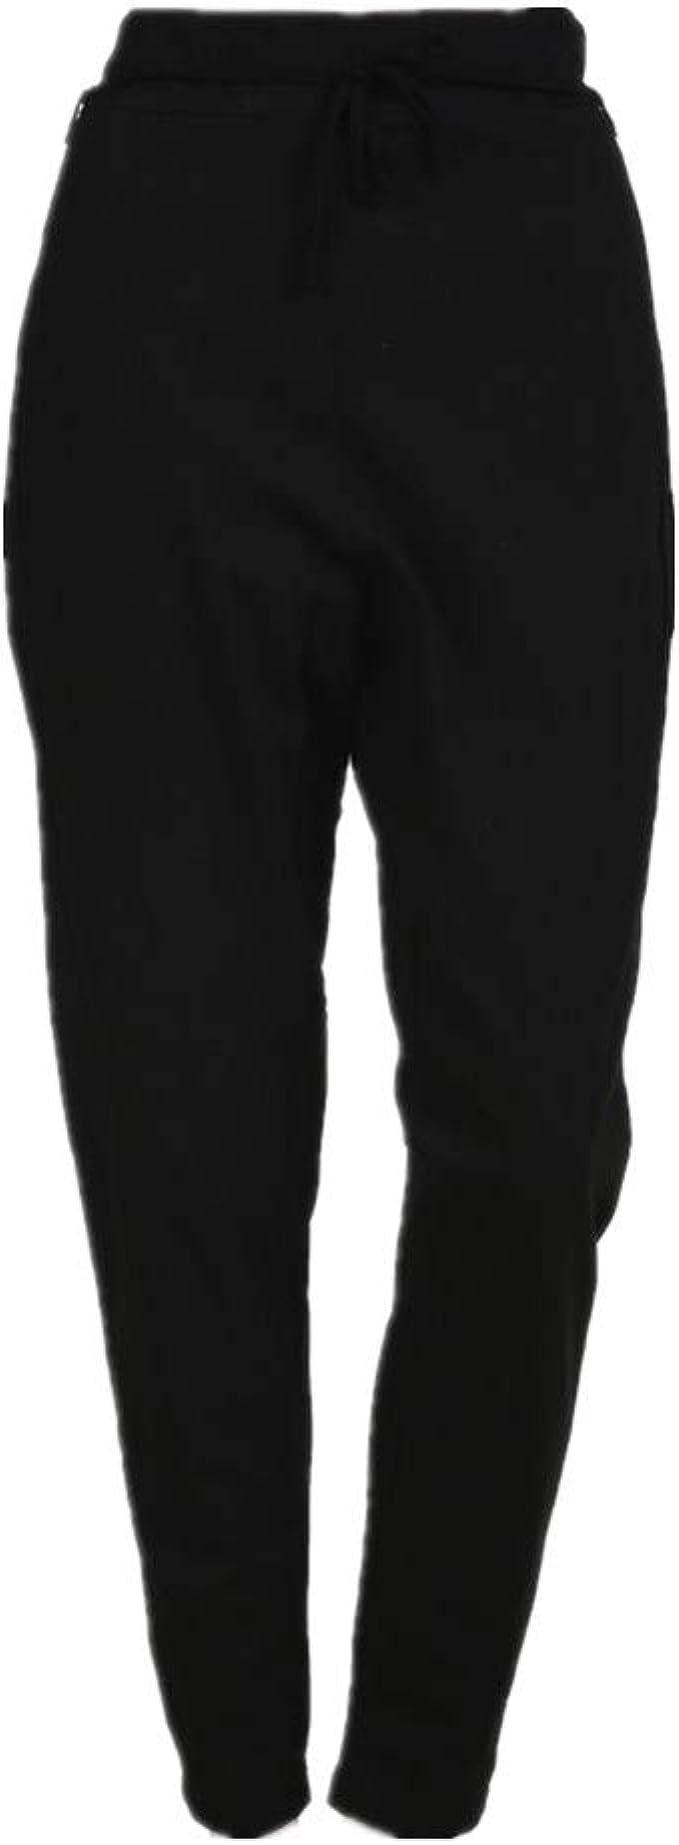 Lässige Kleidung Large Taschen Standard Taille